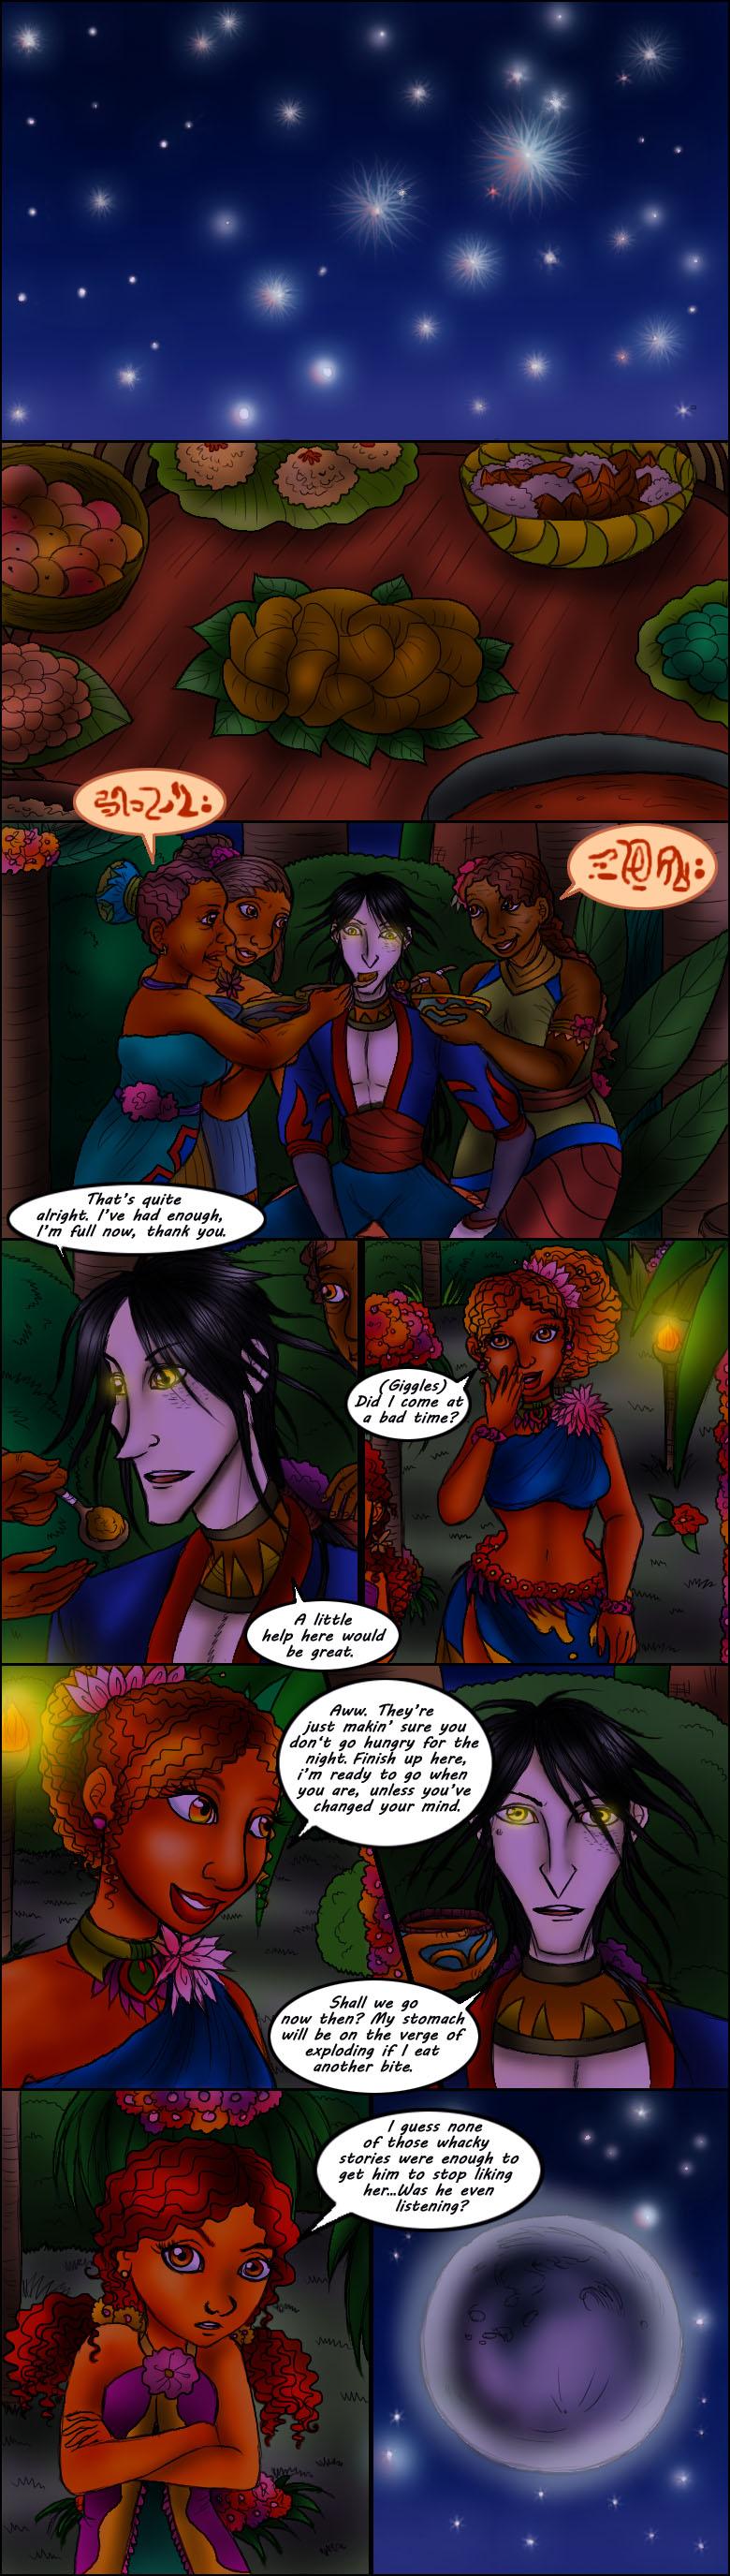 Page 69 – Moonlight Dinner